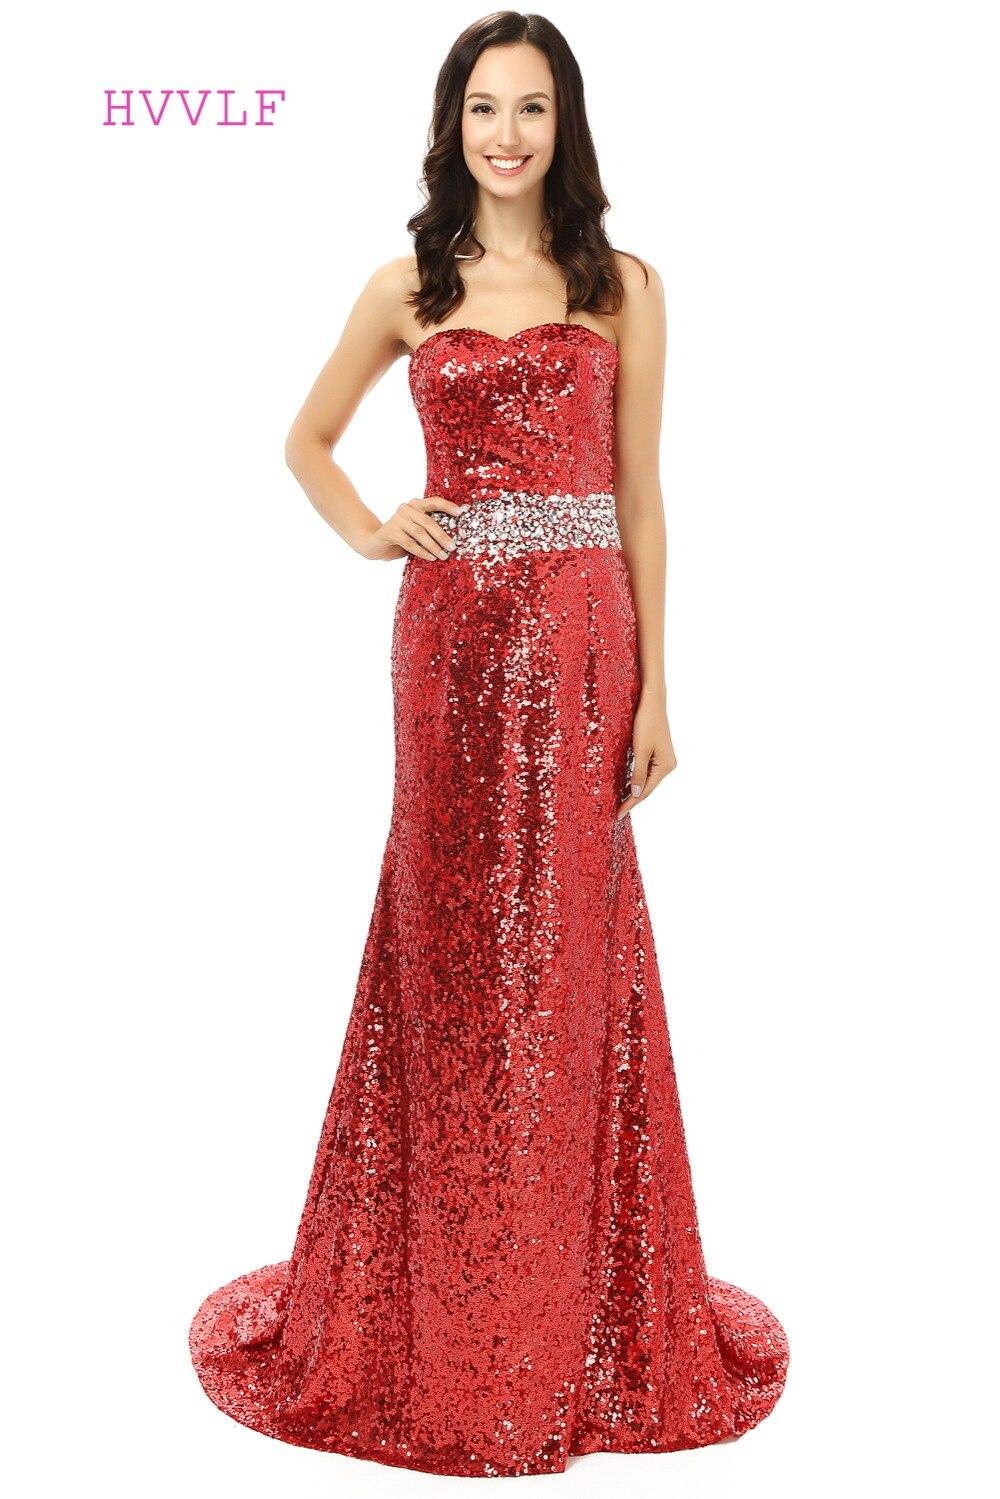 Nouveau Hot 2018 robes de bal sirène chérie rouge noir Squins étincelle perlée robe de bal robes de soirée robe de soirée